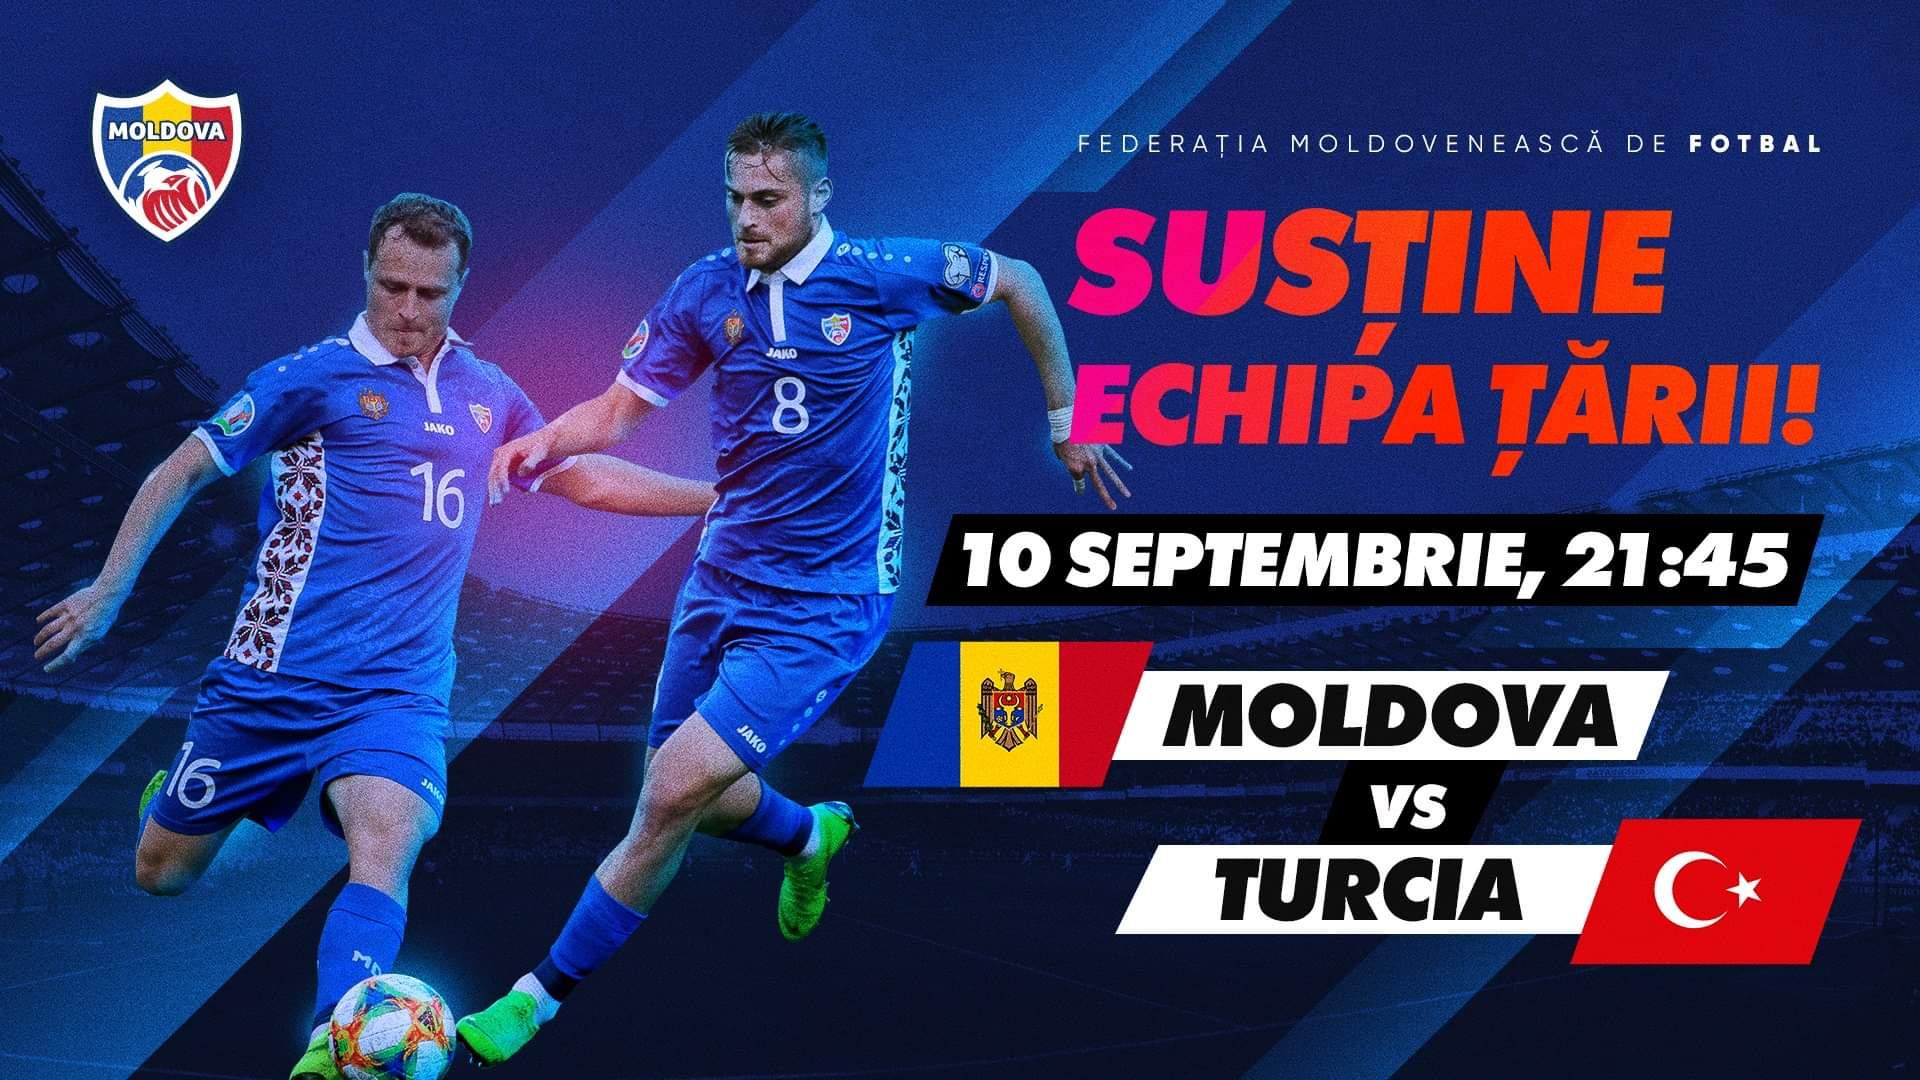 Ce trebuie să știi înainte de meciul Moldova-Turcia? FMF oferă ultimele detalii!